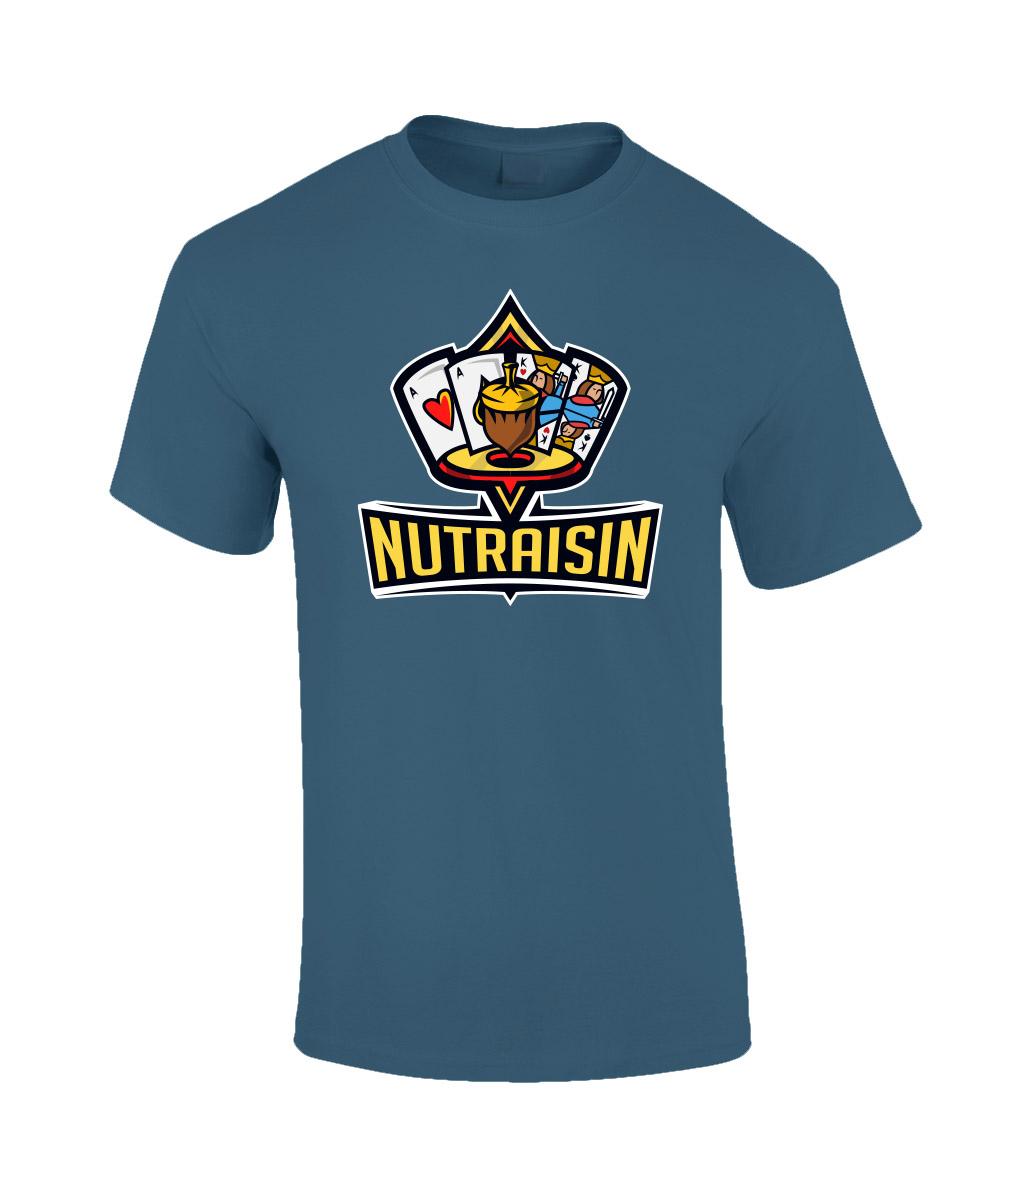 NutRaisin-Unisex-T-Indigo